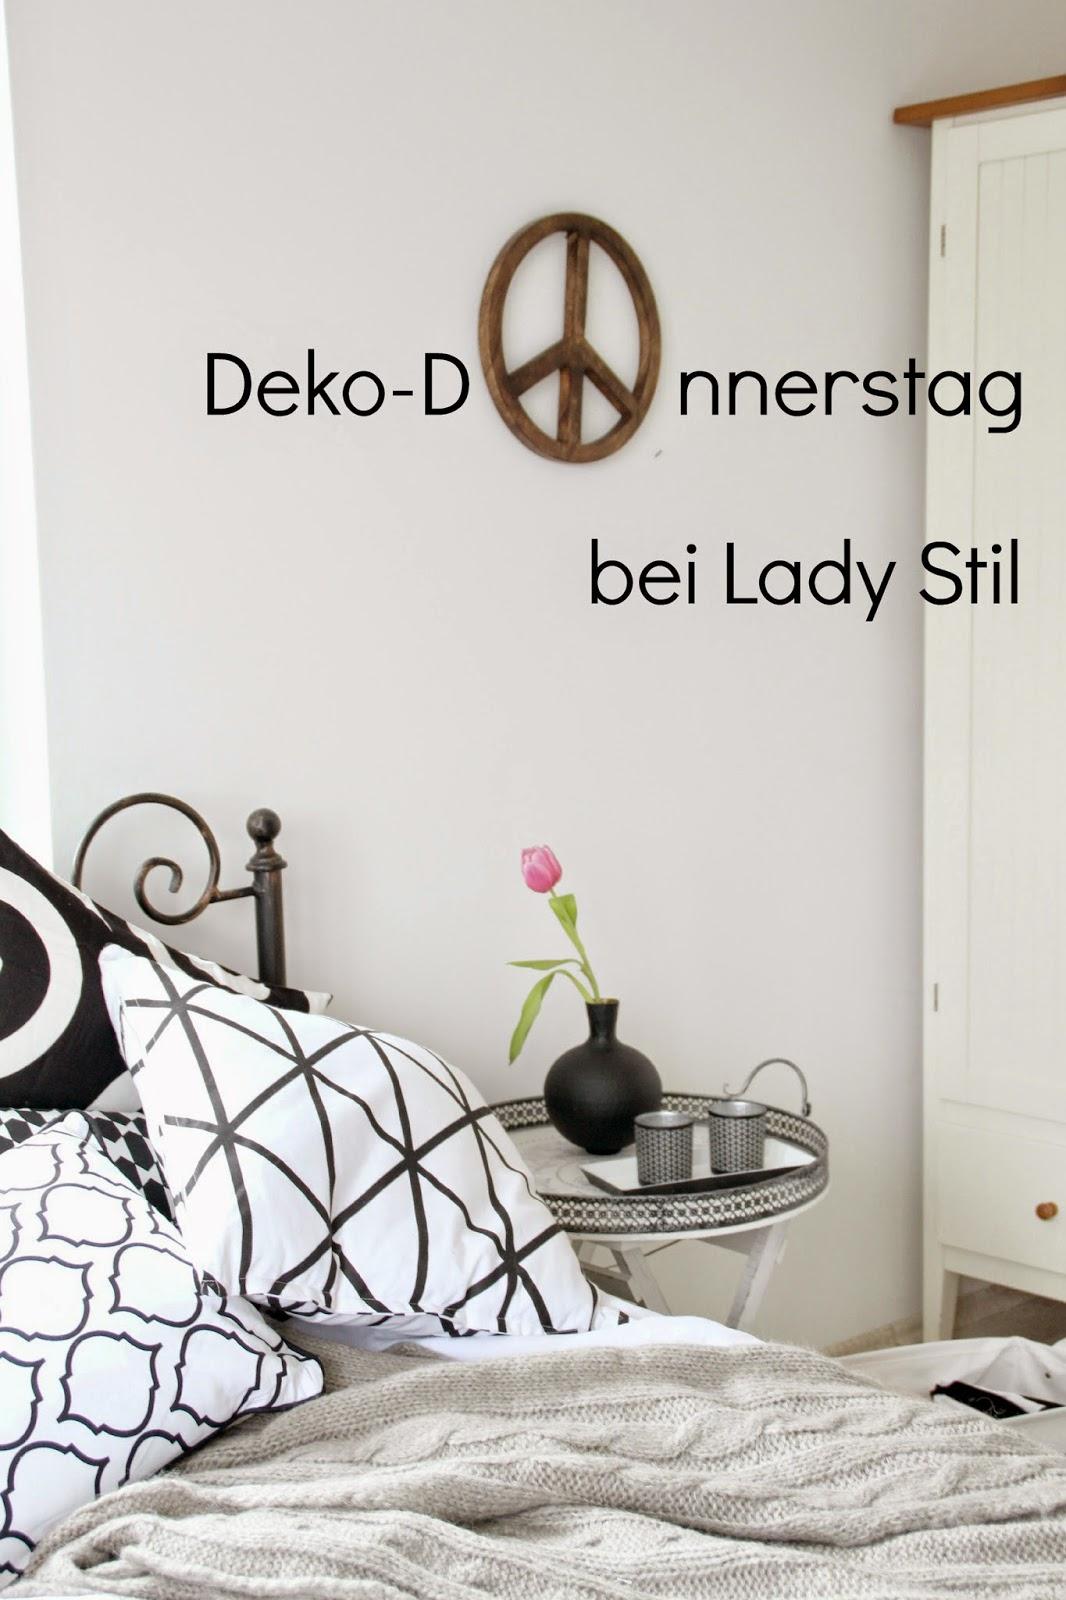 nächster Deko-Donnerstag 11.05